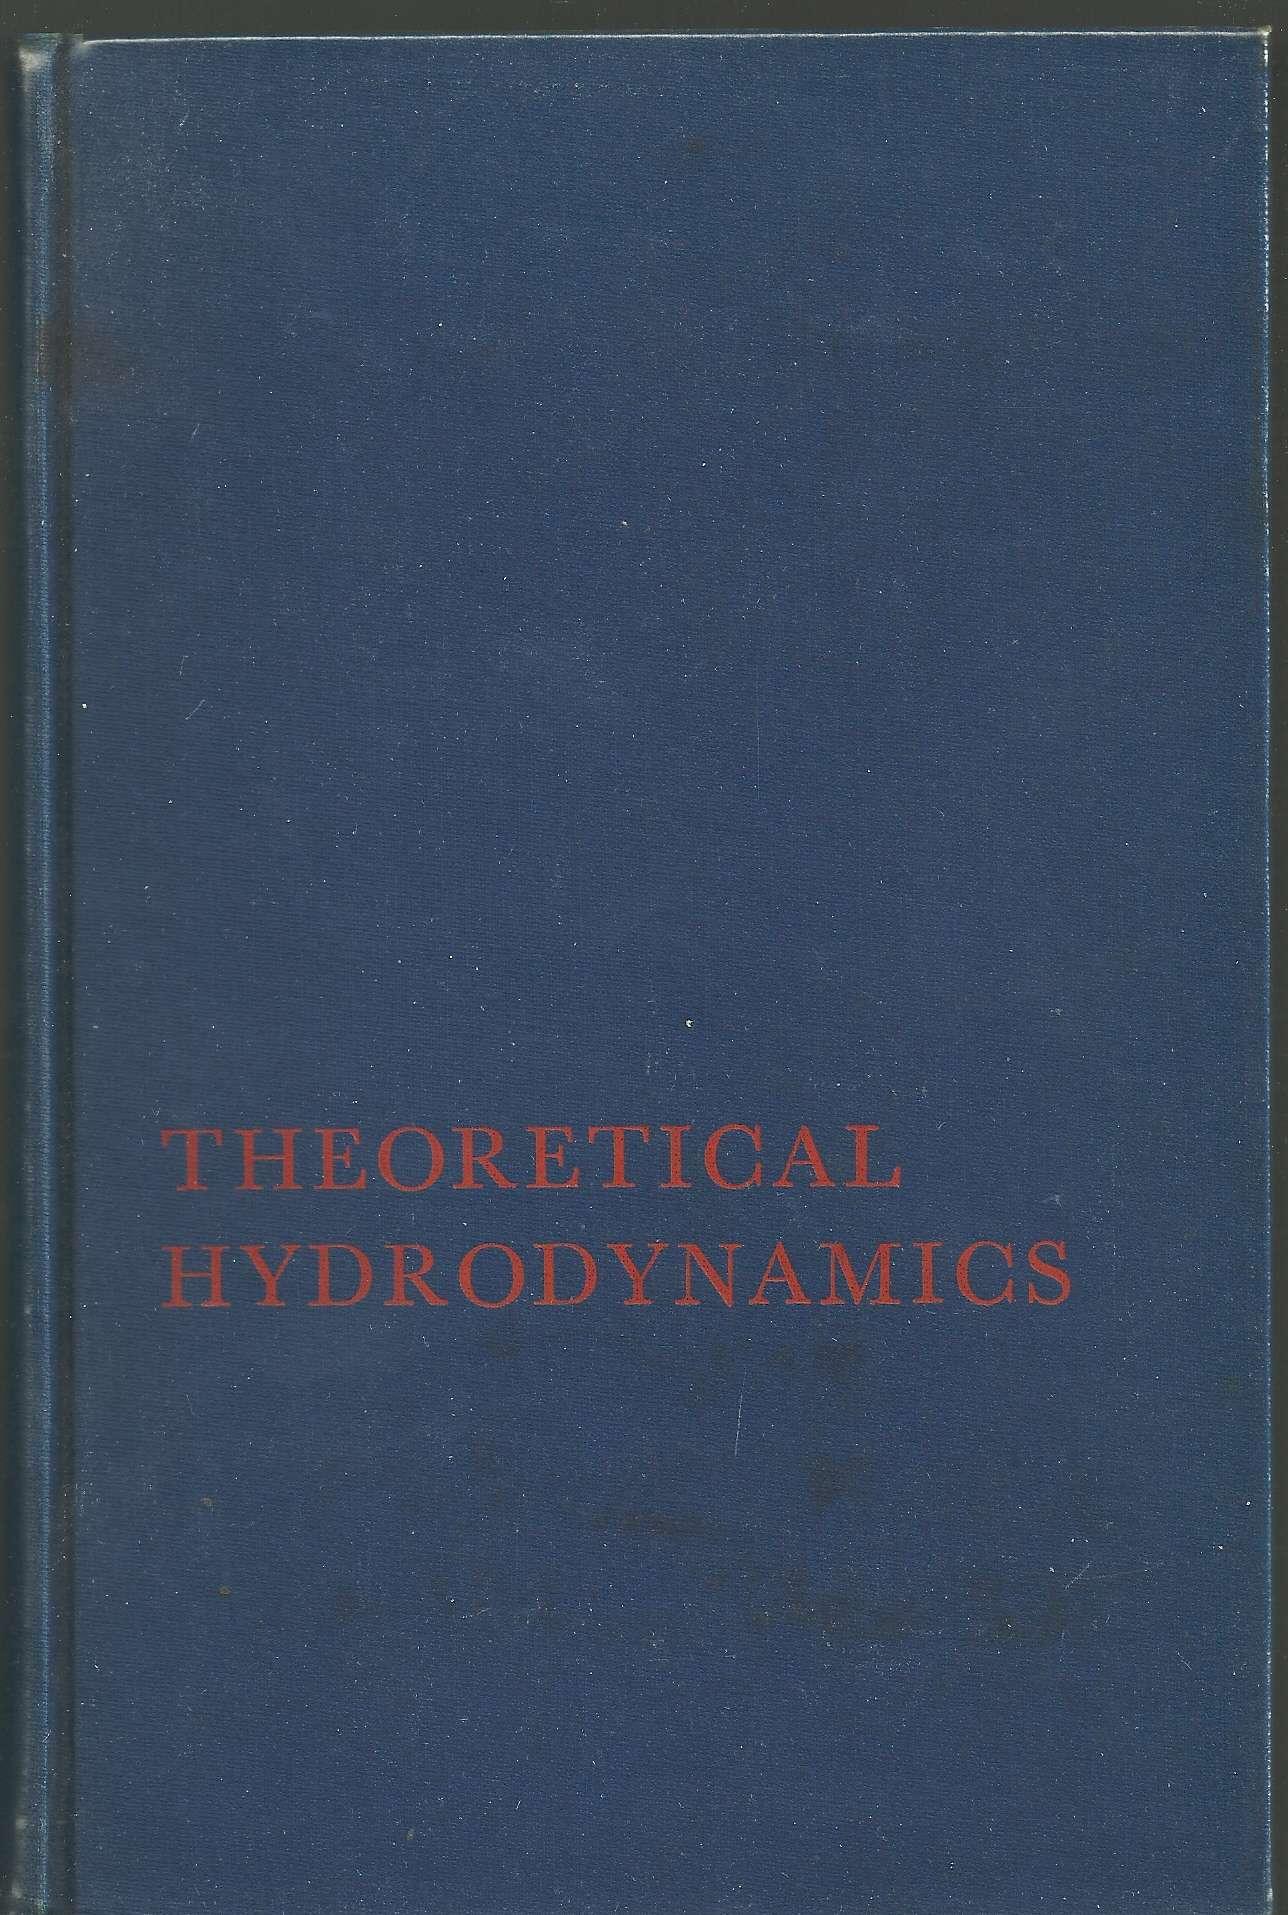 Theoretical Hydrodynamics. 4th Ed